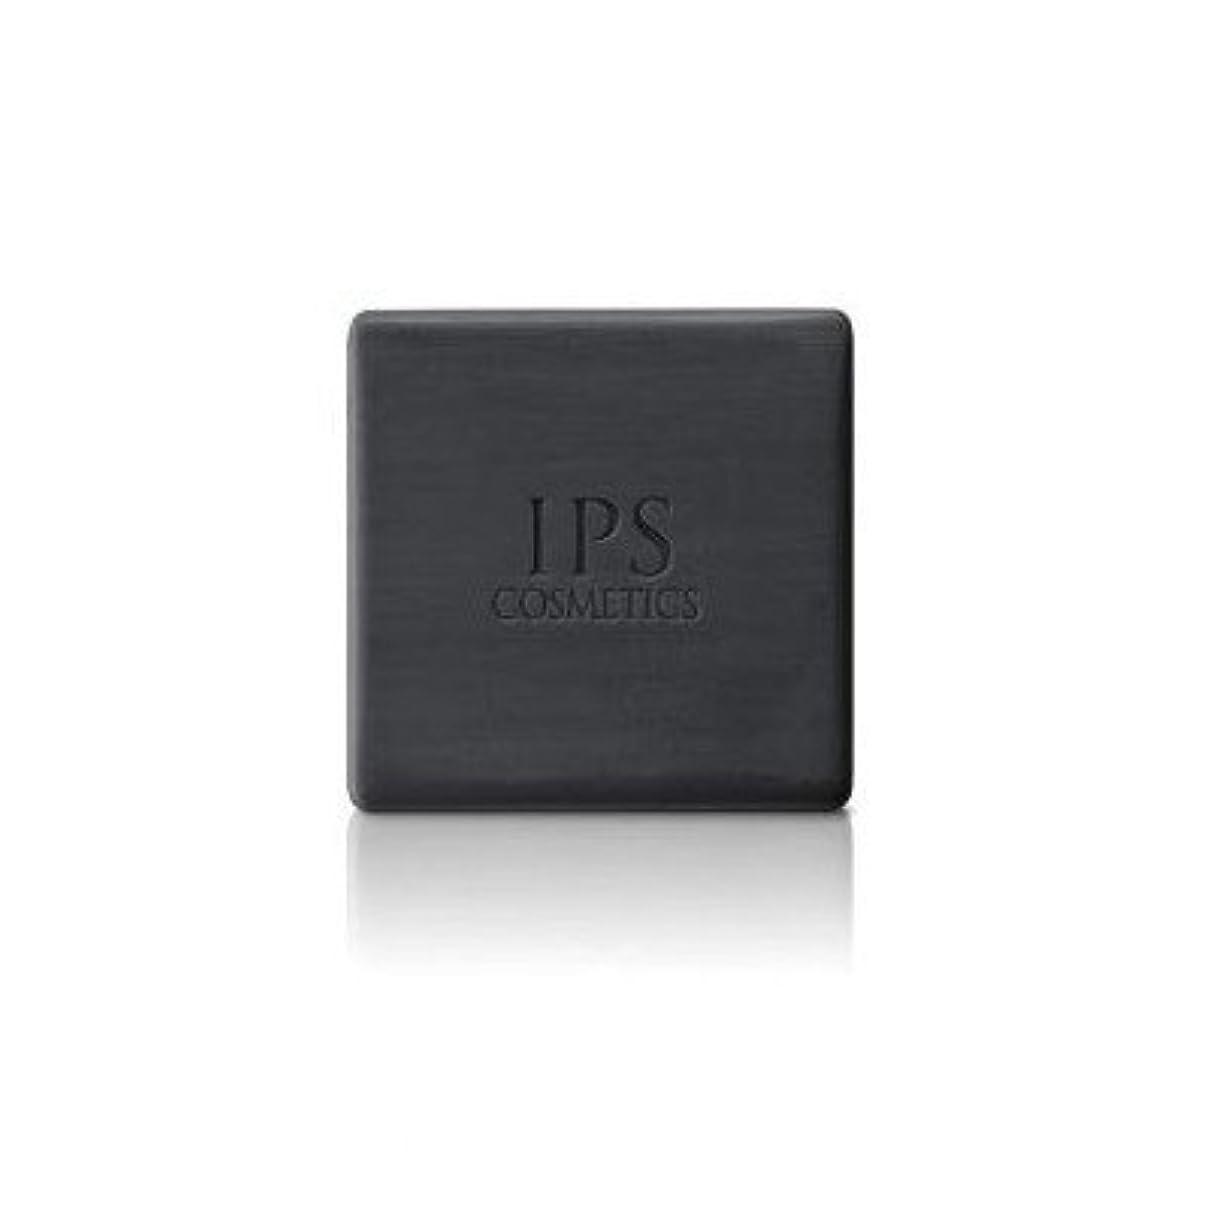 地図ゴシップ学生お得な3個セット IPS コンディショニングバー 洗顔石鹸 120g